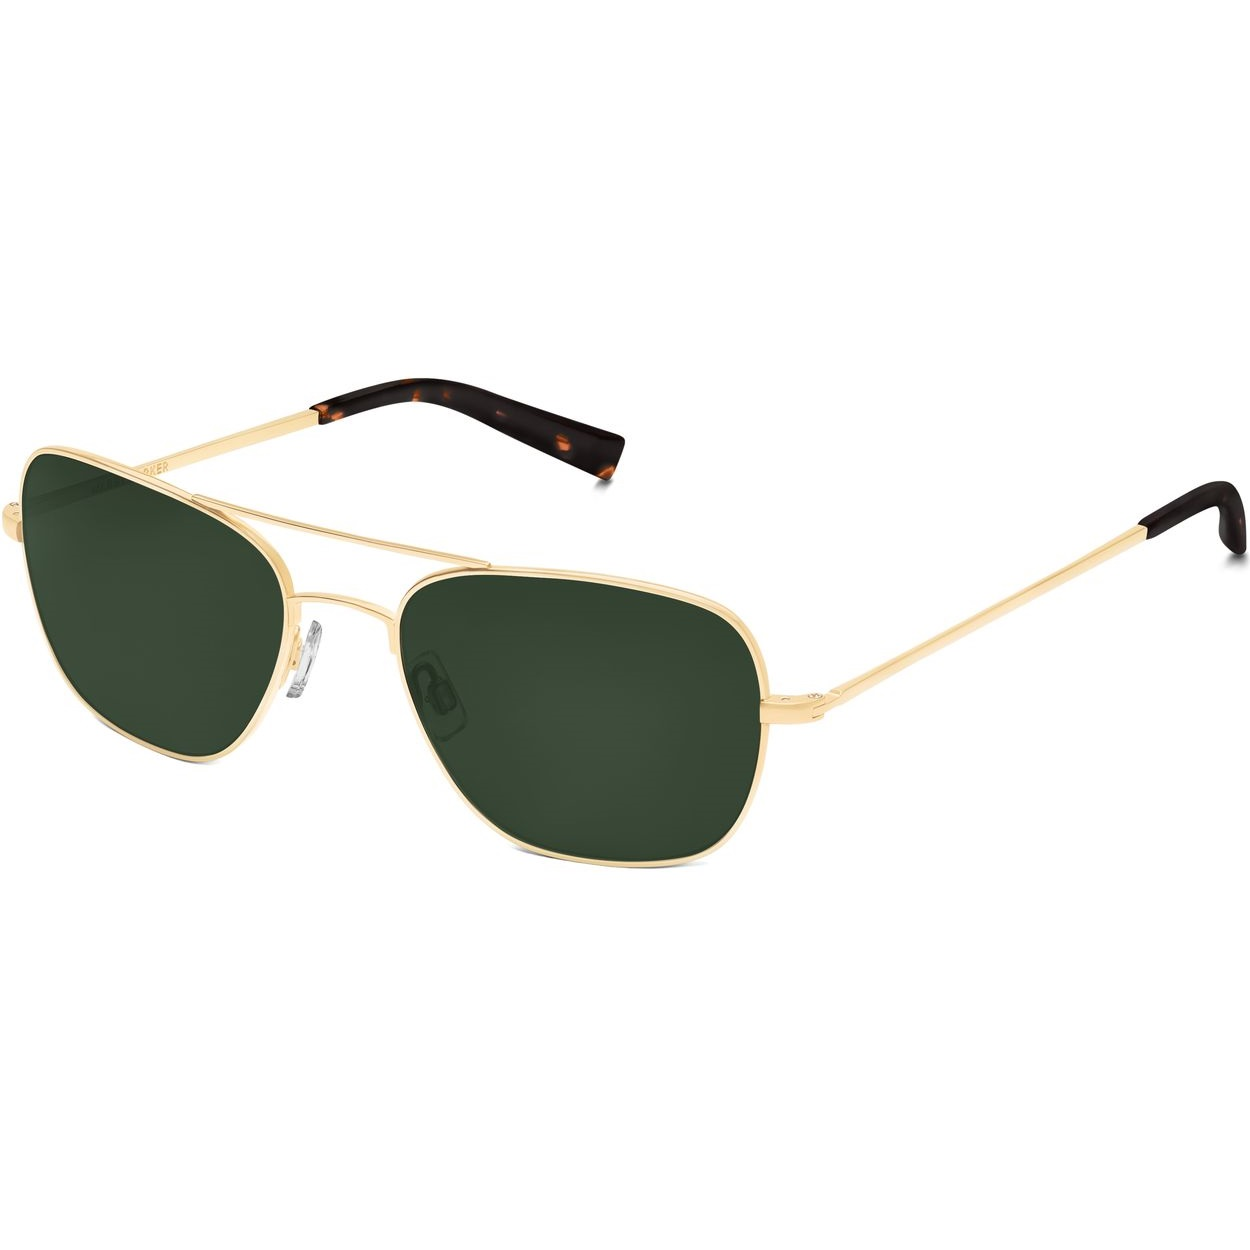 4c25c69b4c Upshaw   Upshaw Large Sunglasses — Eyewear Blogger